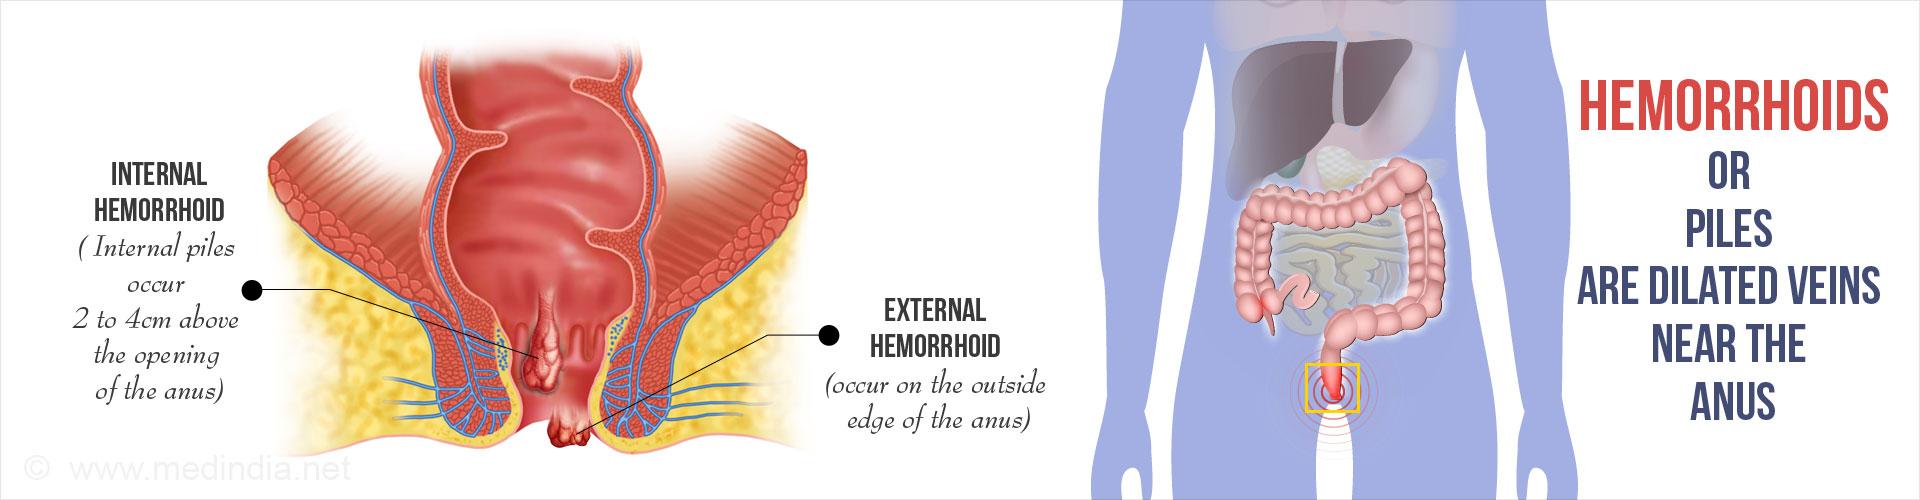 External Hemorrhoids Severe And Internal